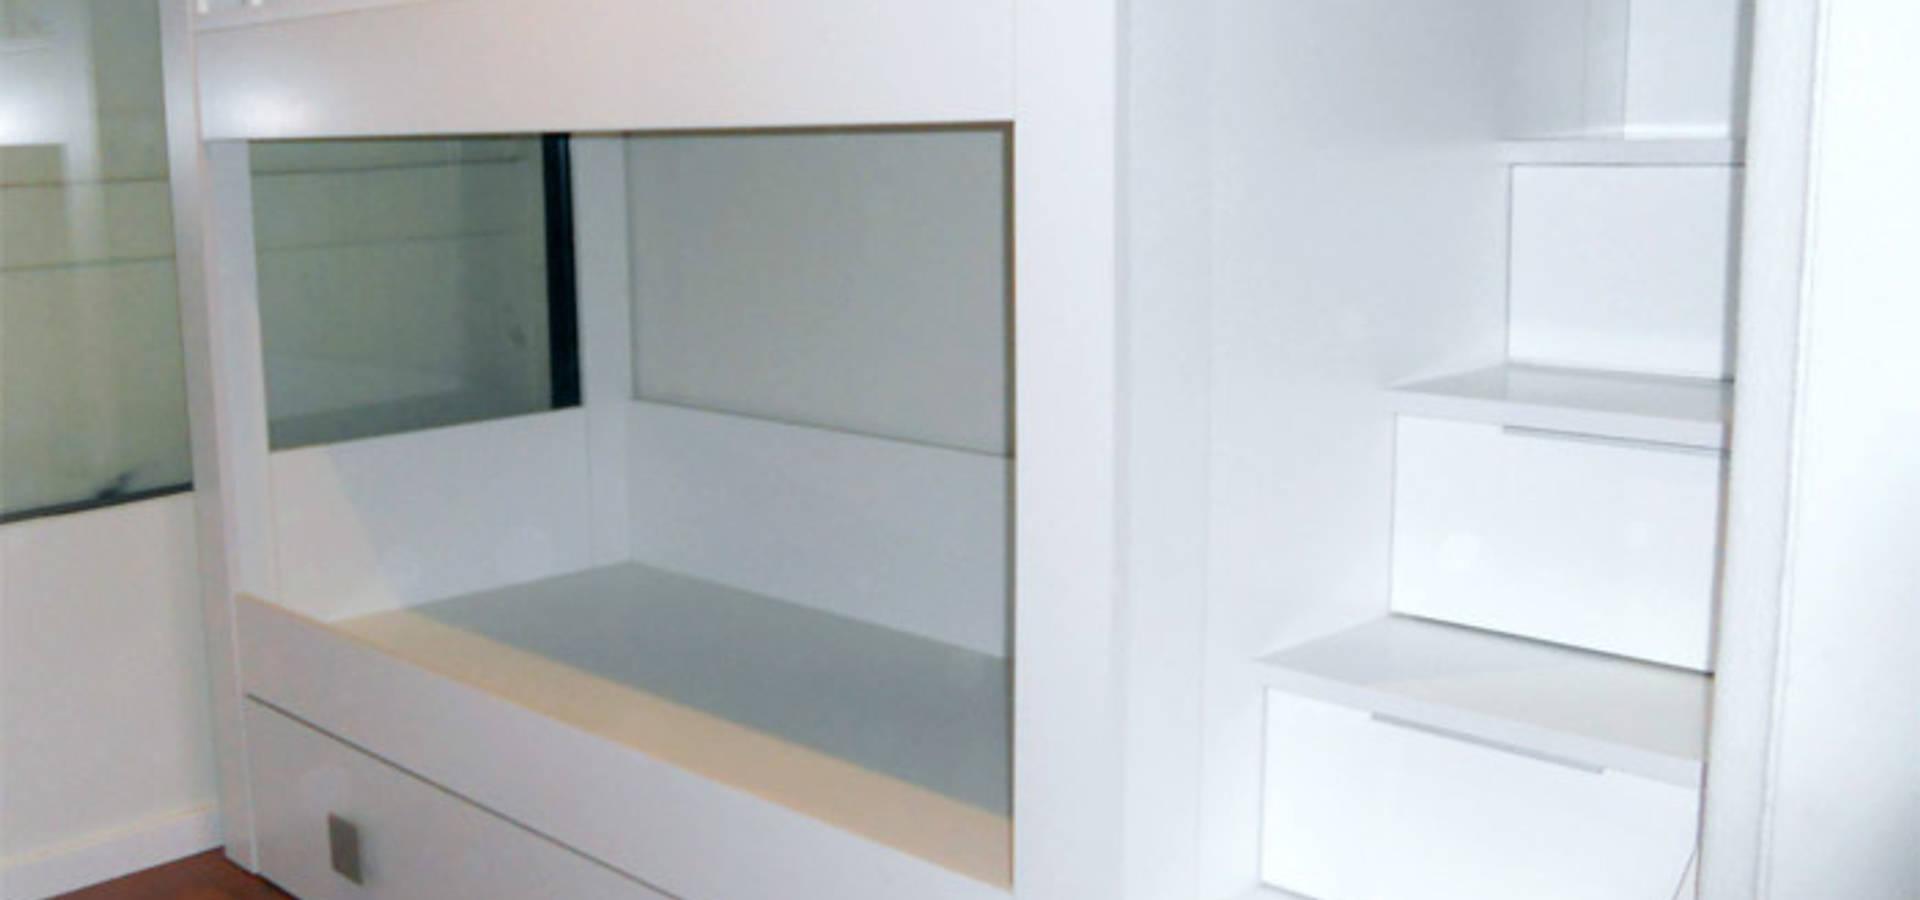 Armarios y montaje de muebles en rubi for Muebles rubi